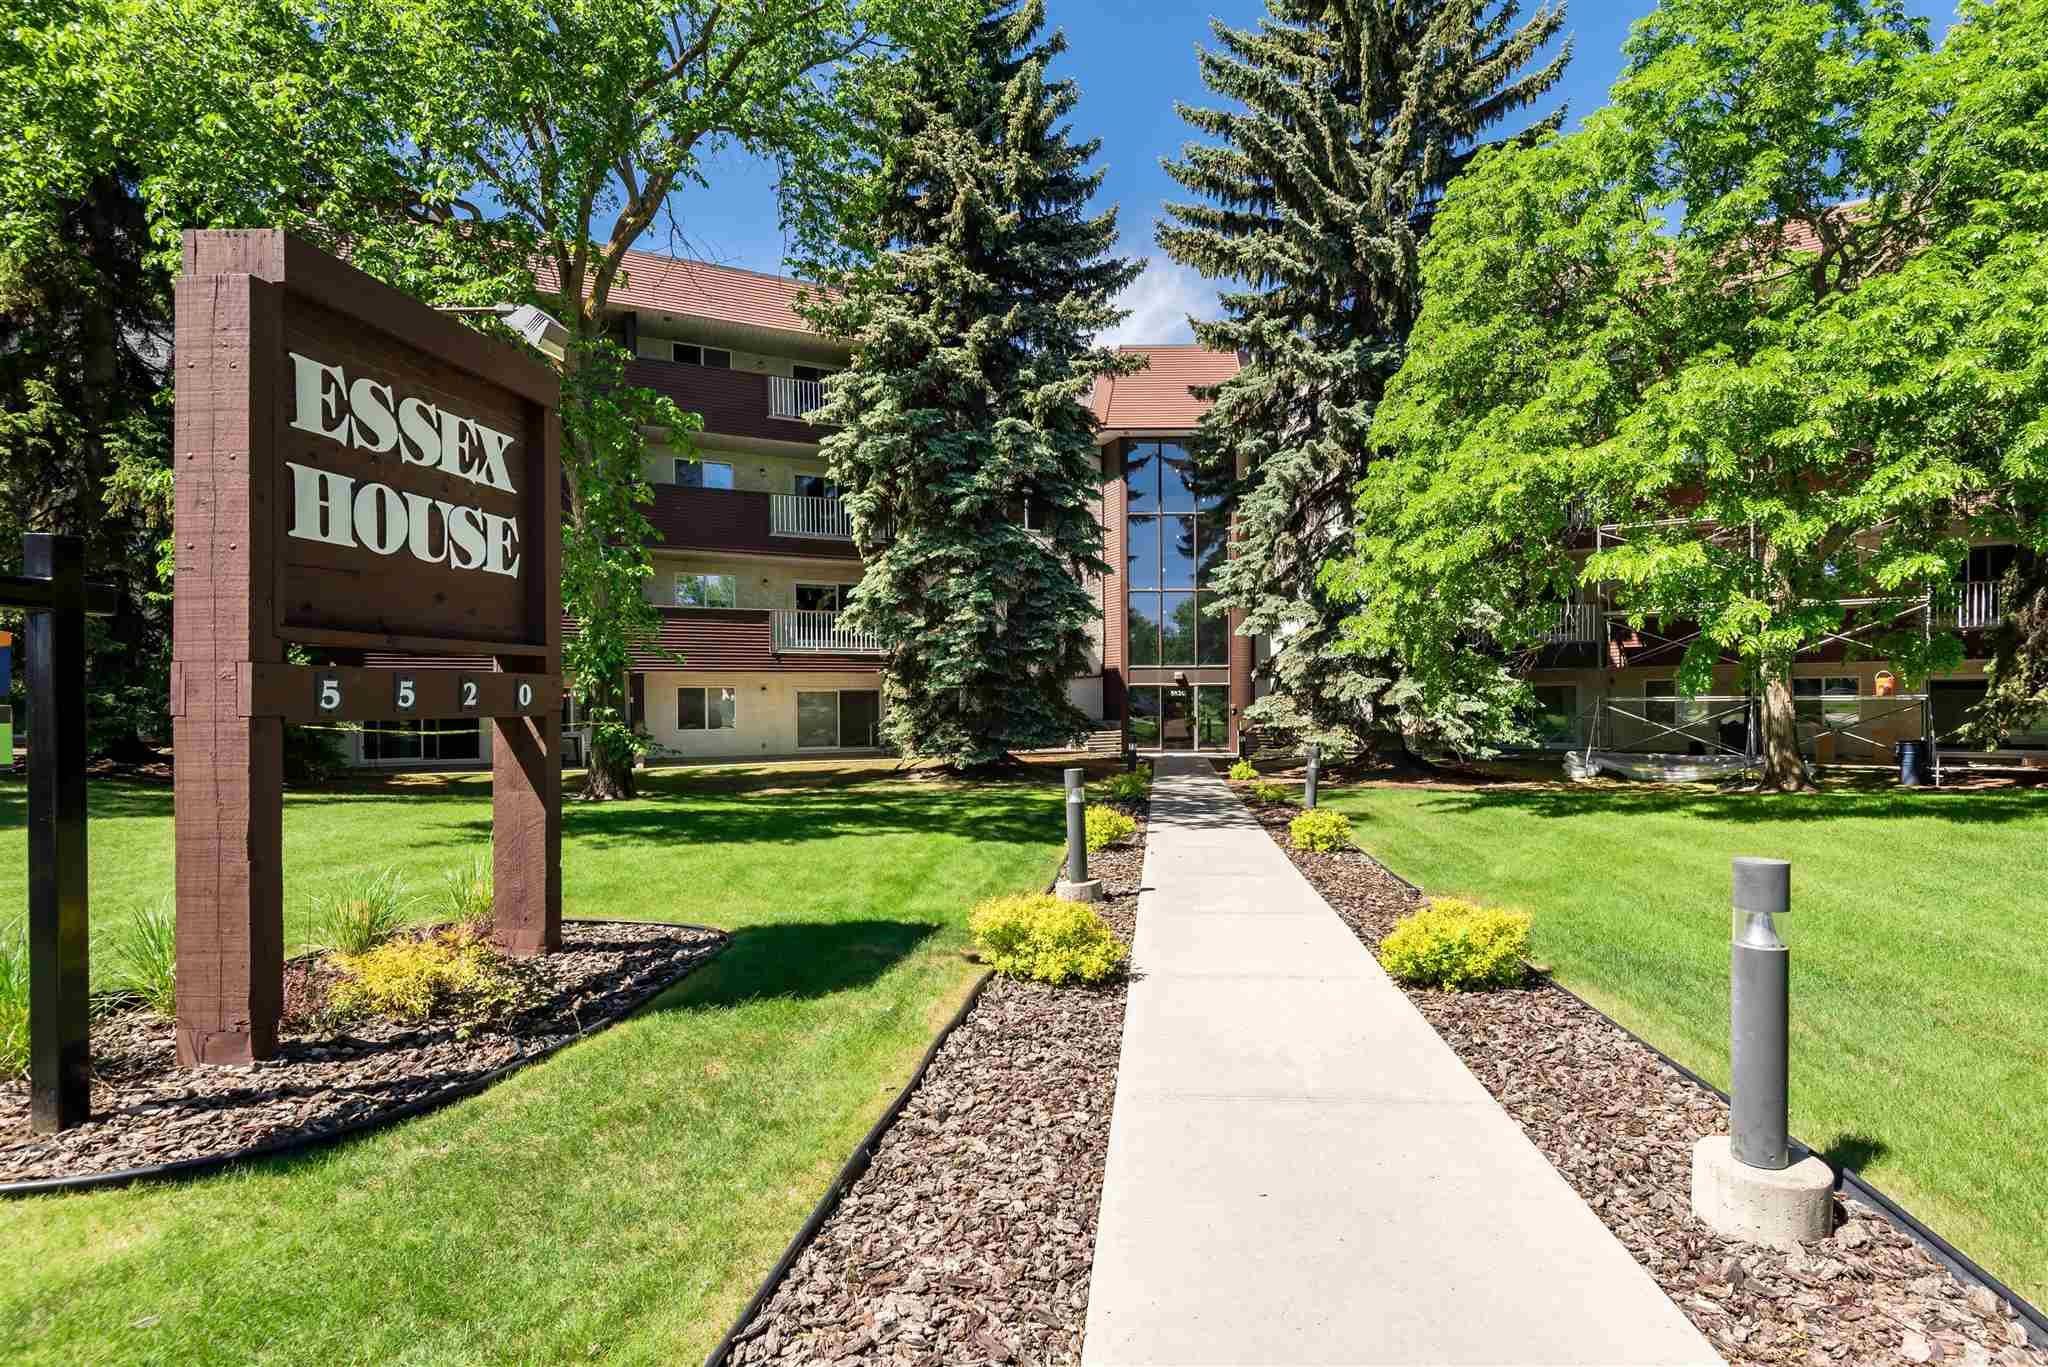 Main Photo: 312 5520 RIVERBEND Road in Edmonton: Zone 14 Condo for sale : MLS®# E4249489